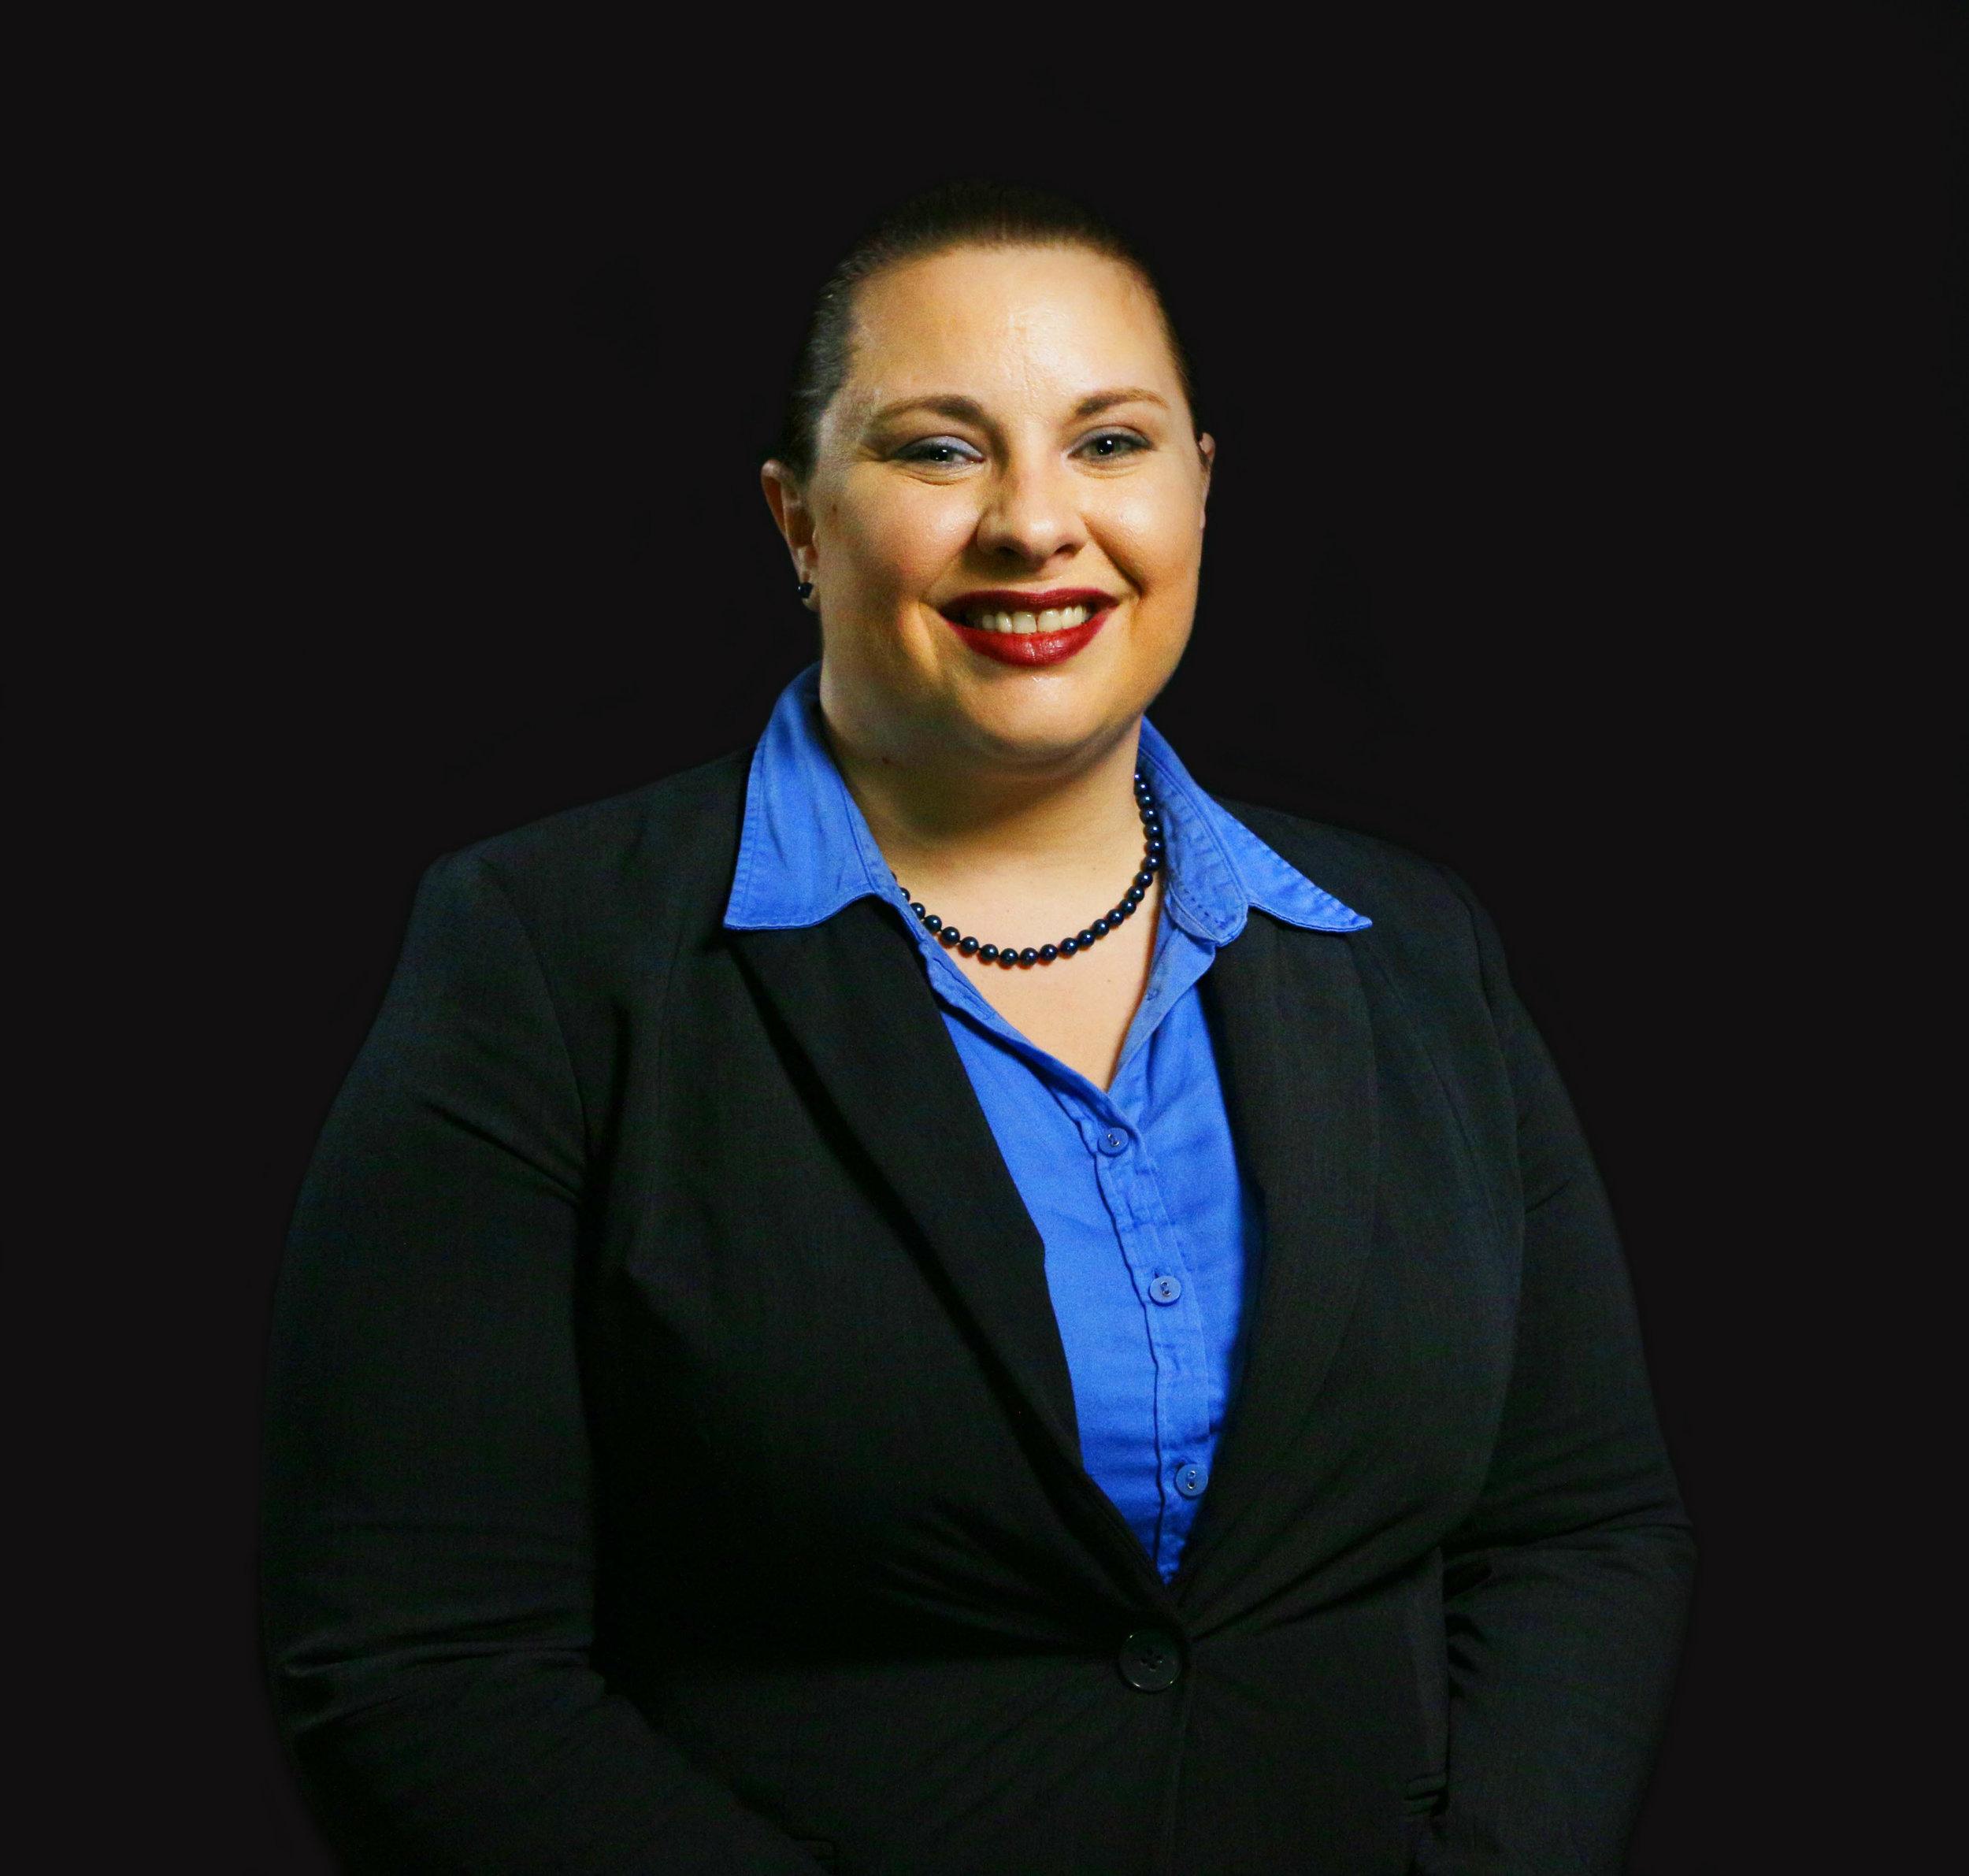 Larissa Prilliman